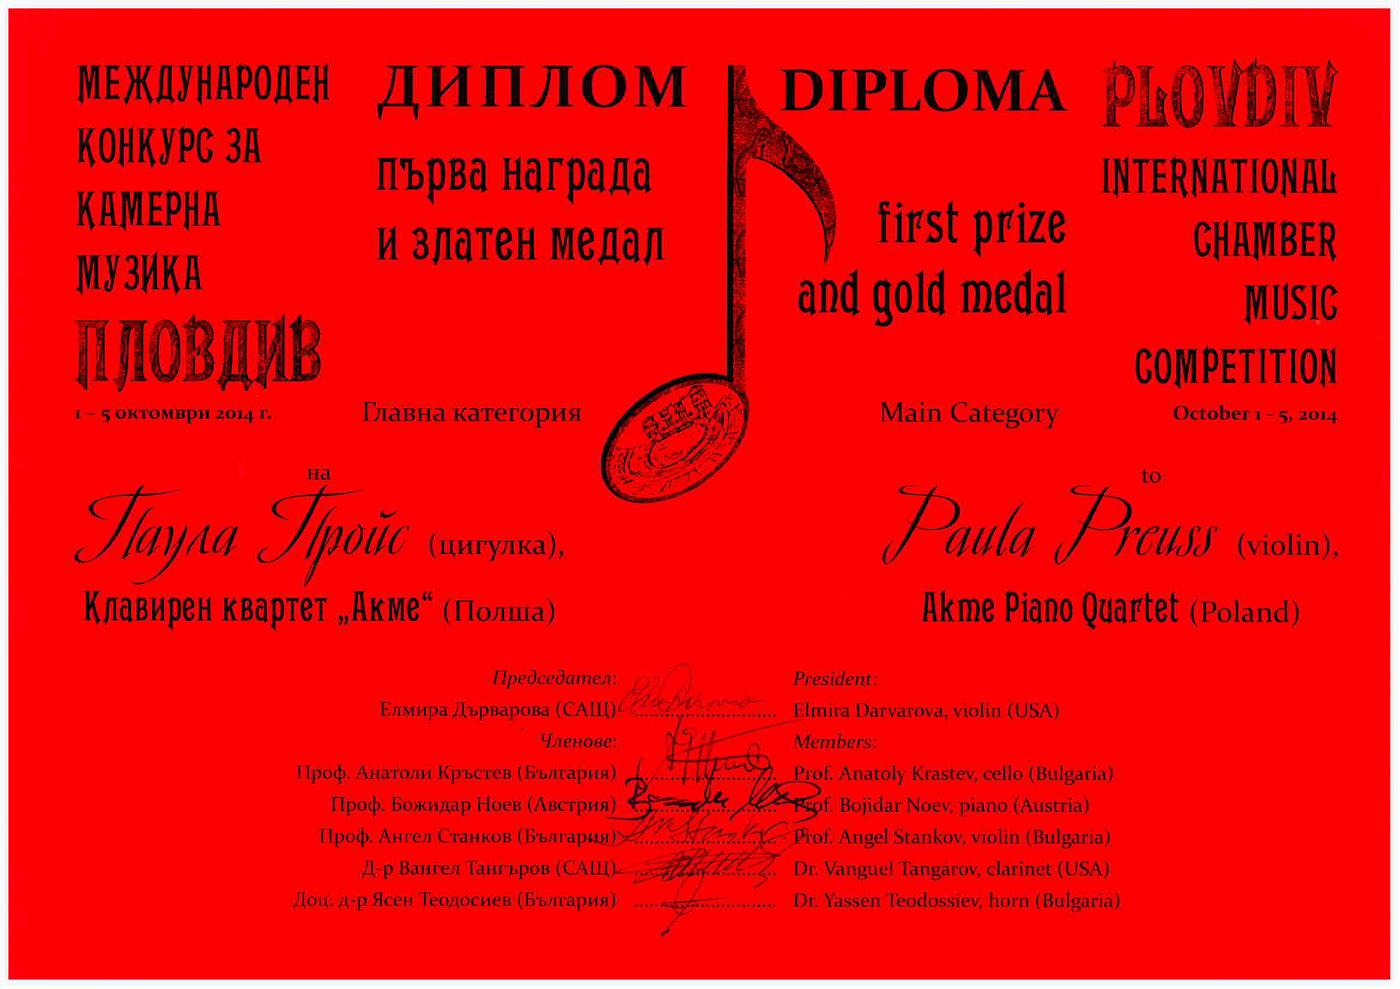 Preuss_dyplom_AKME_www